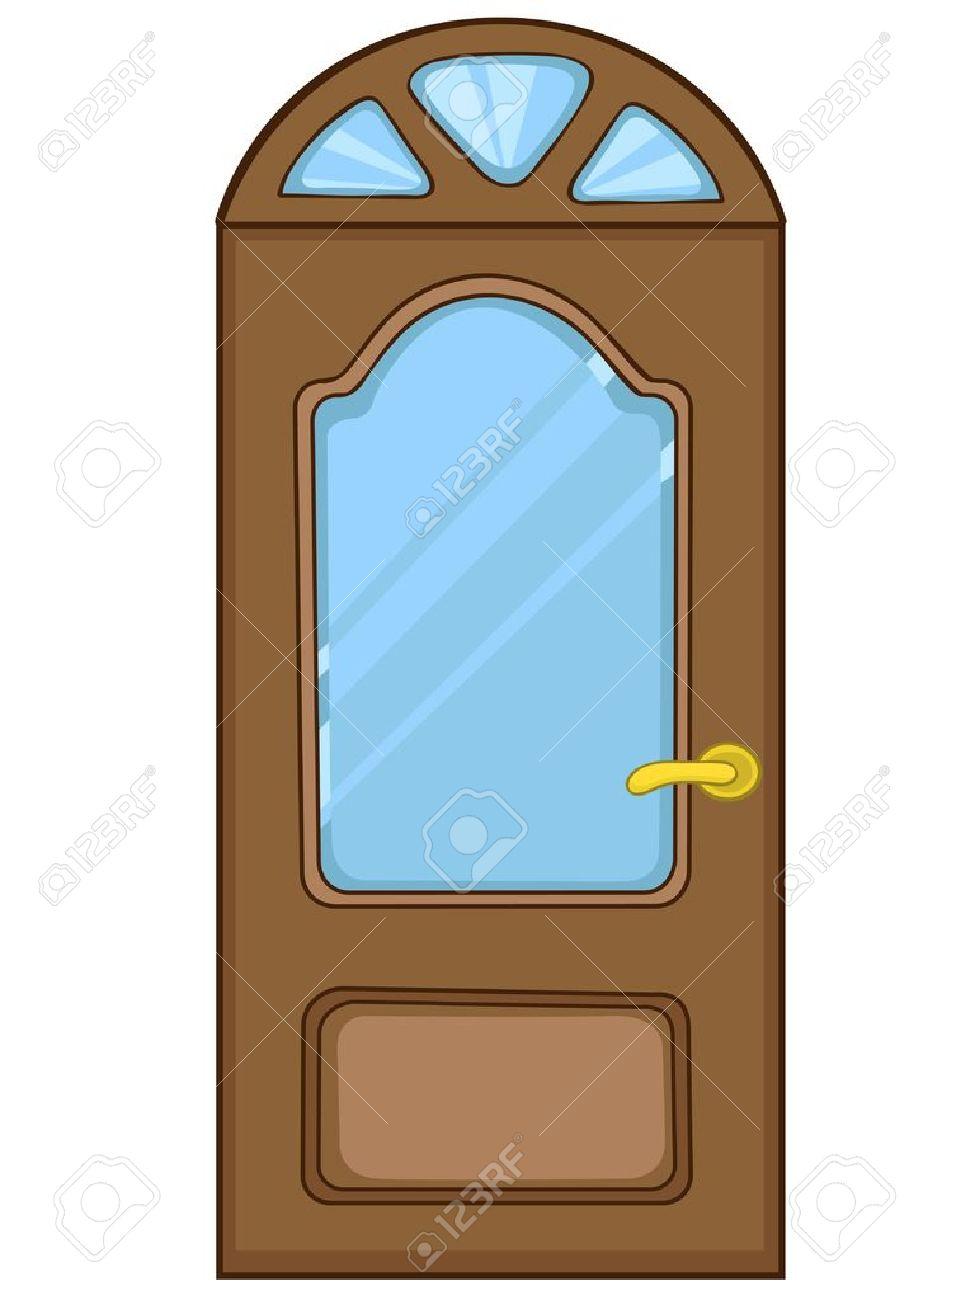 puerta principal de dibujos animados foto de archivo